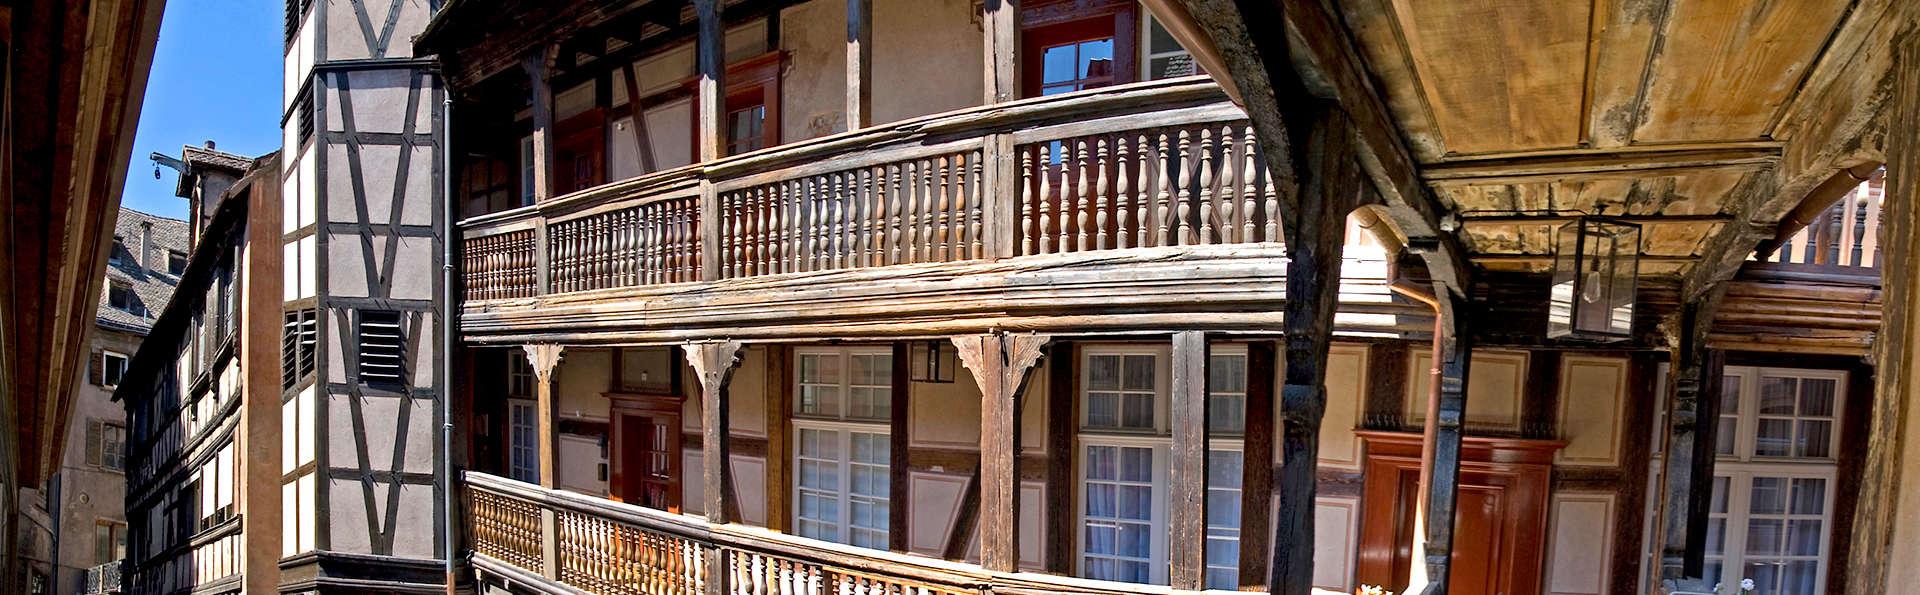 Hôtel Cour du Corbeau Strasbourg – Mgallery - Edit_Front2.jpg